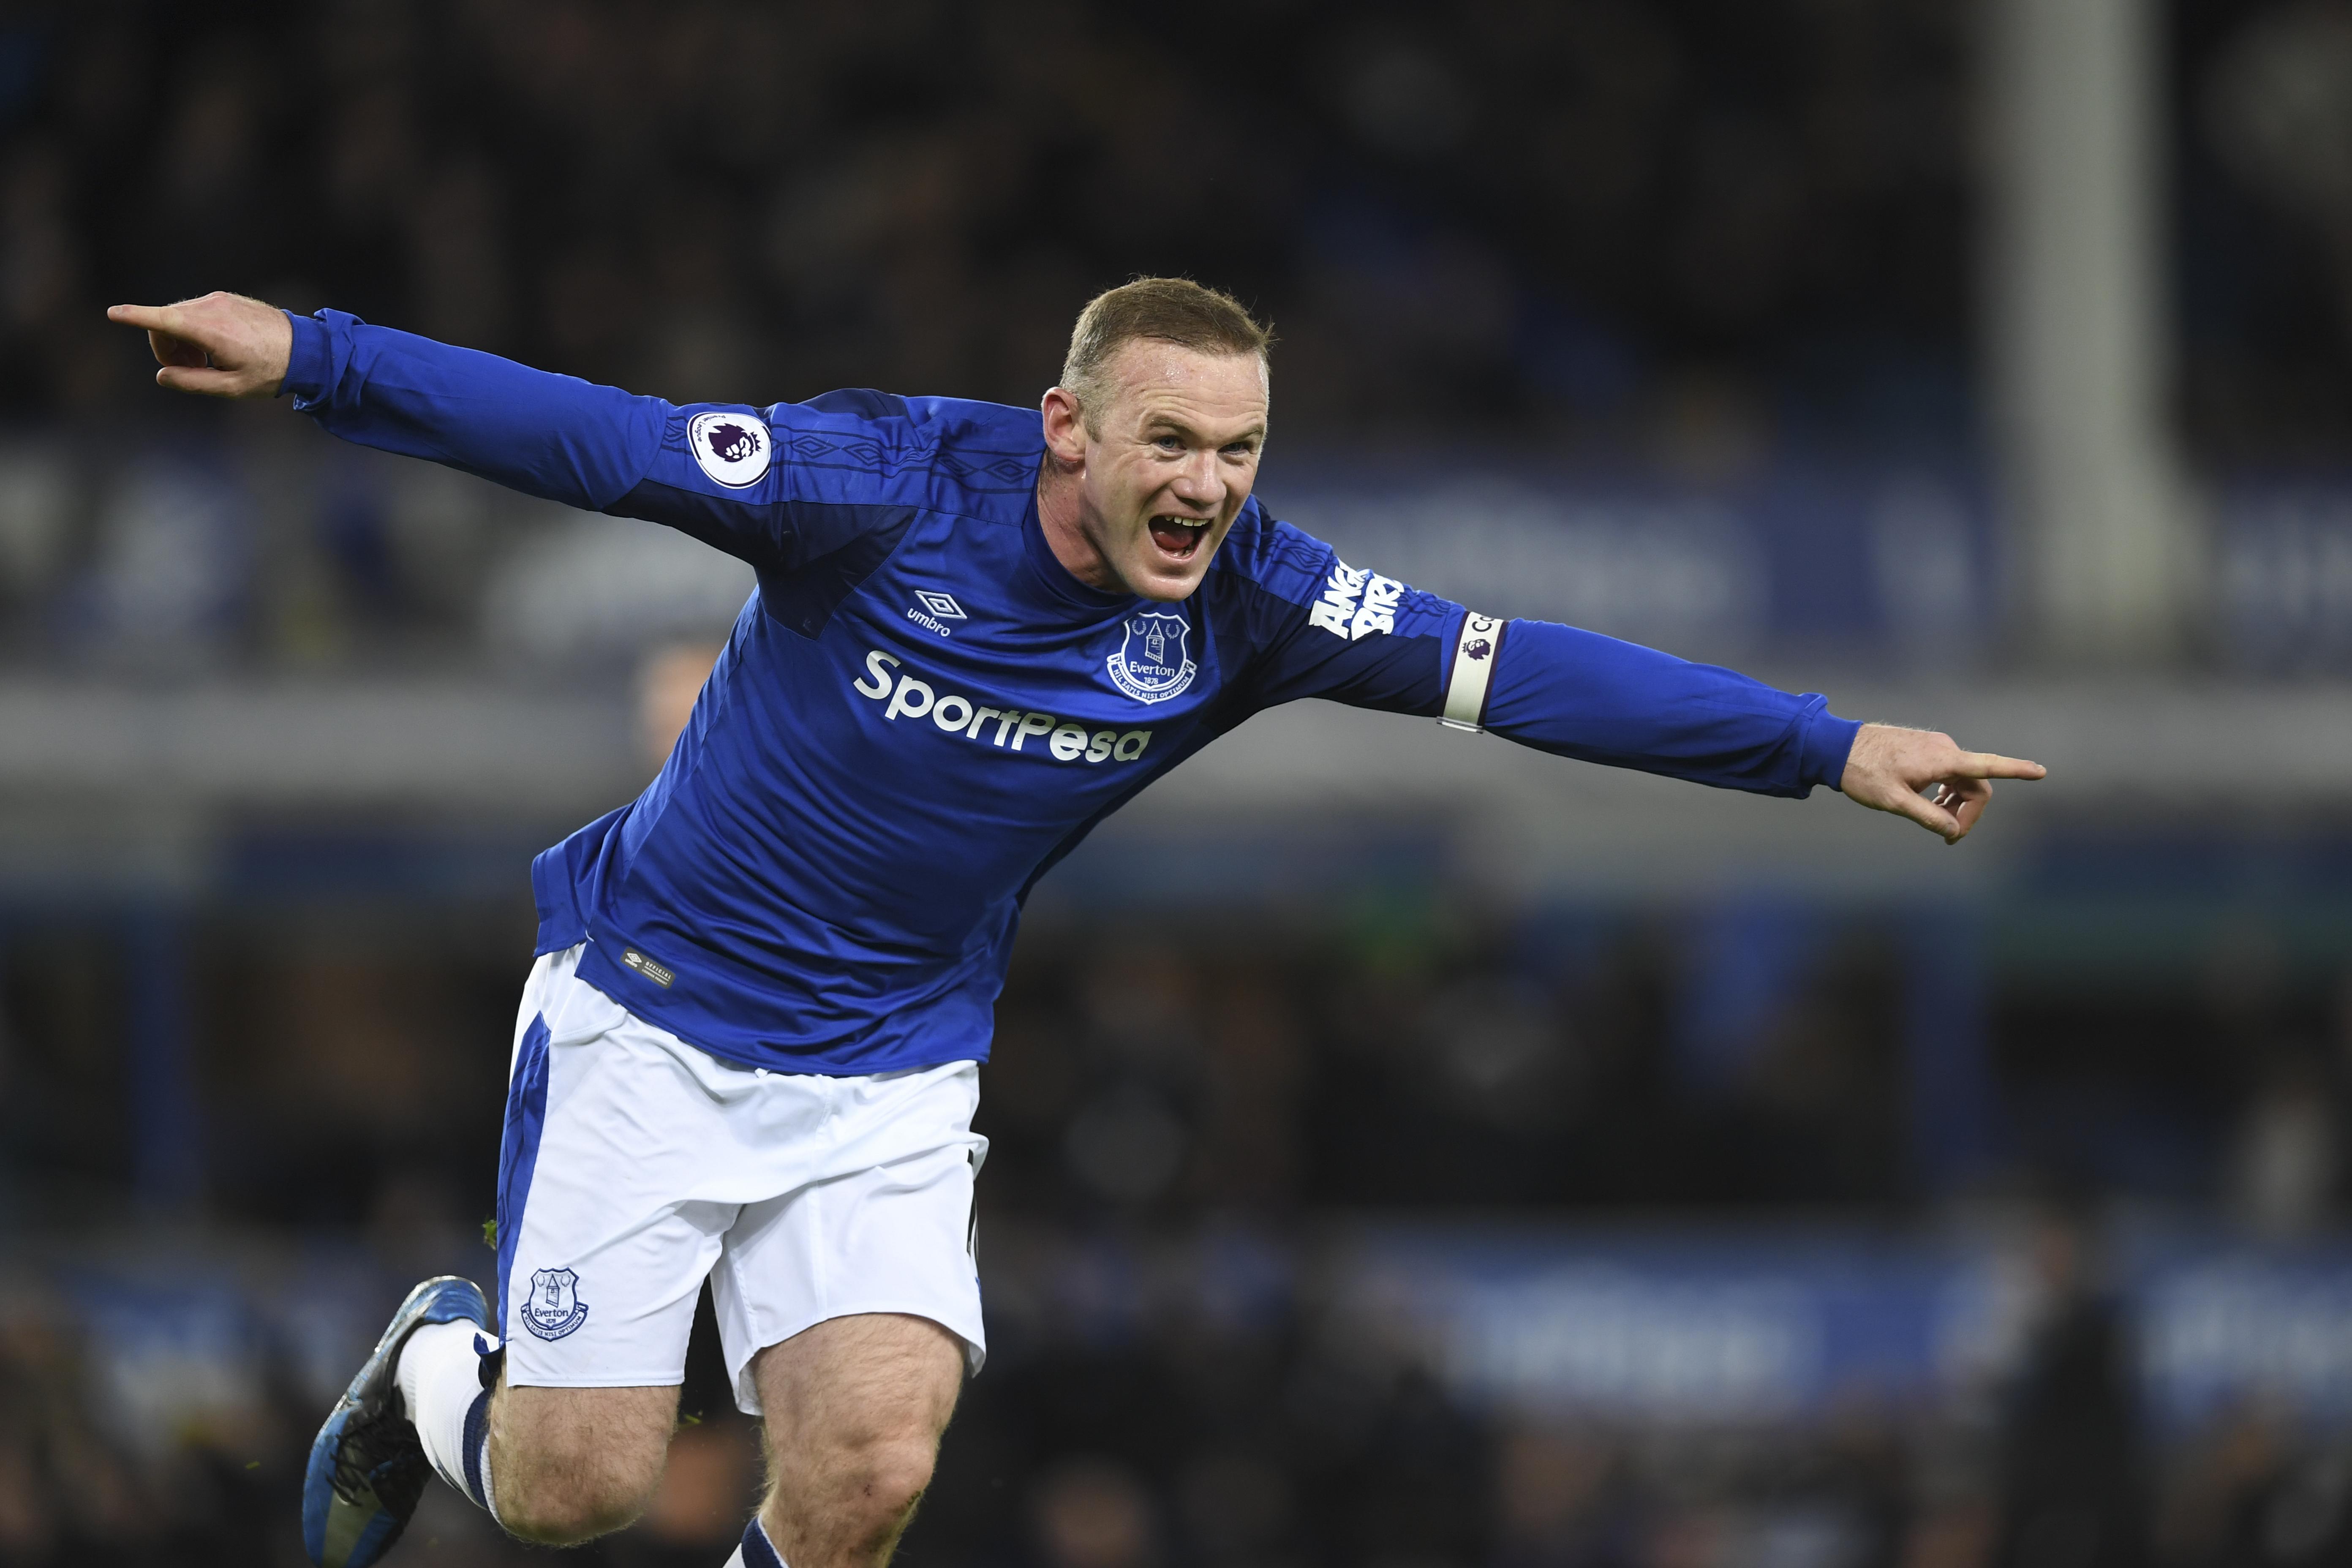 Rooney: Ez talán a legnagyobb gól, amit valaha lőttem